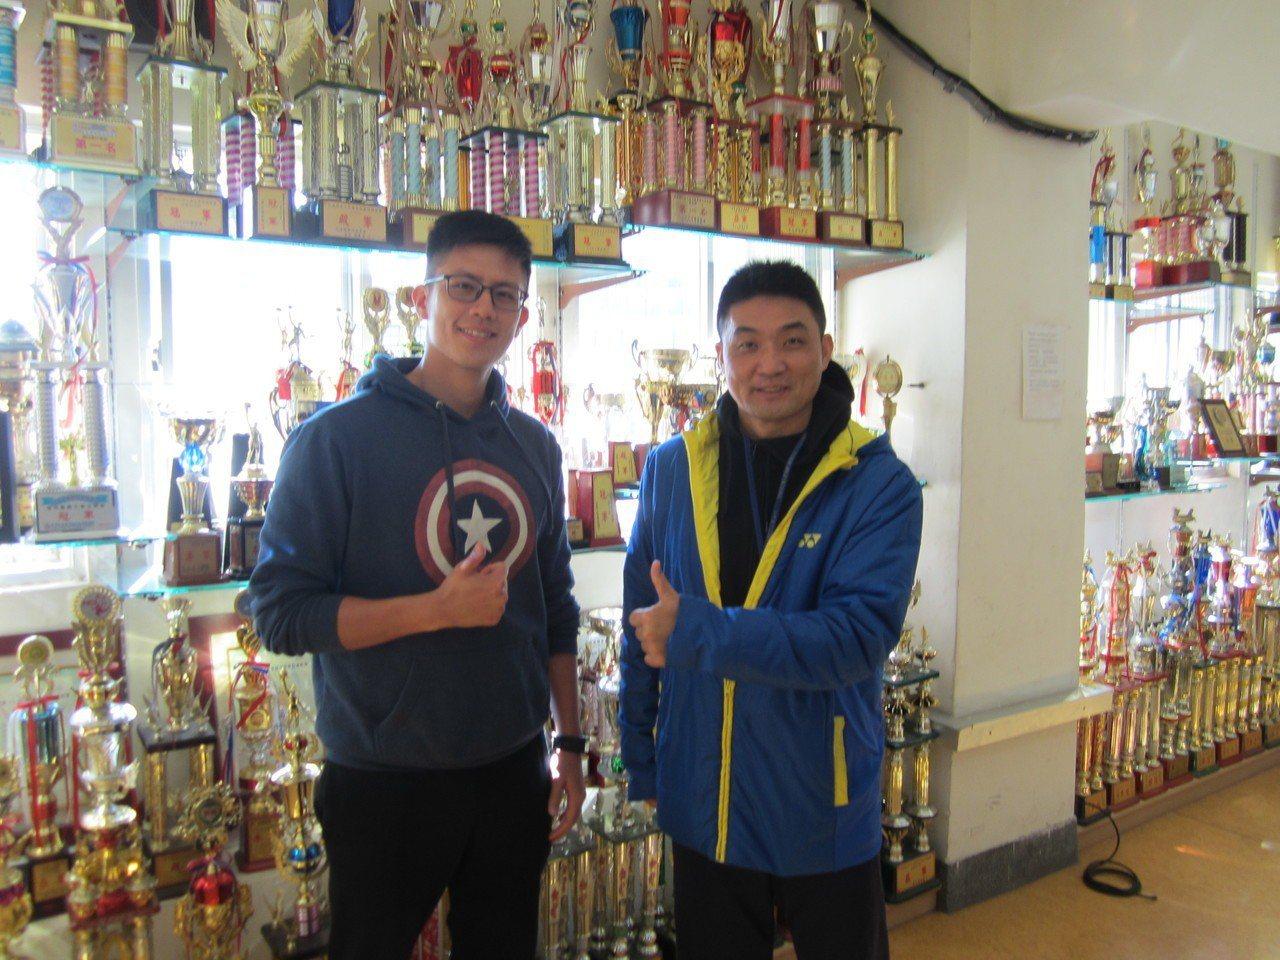 治平高中體育組長何威德(右)與籃球教練吳正賢,背後是運動獎盃牆。記者黃顯祐/攝影